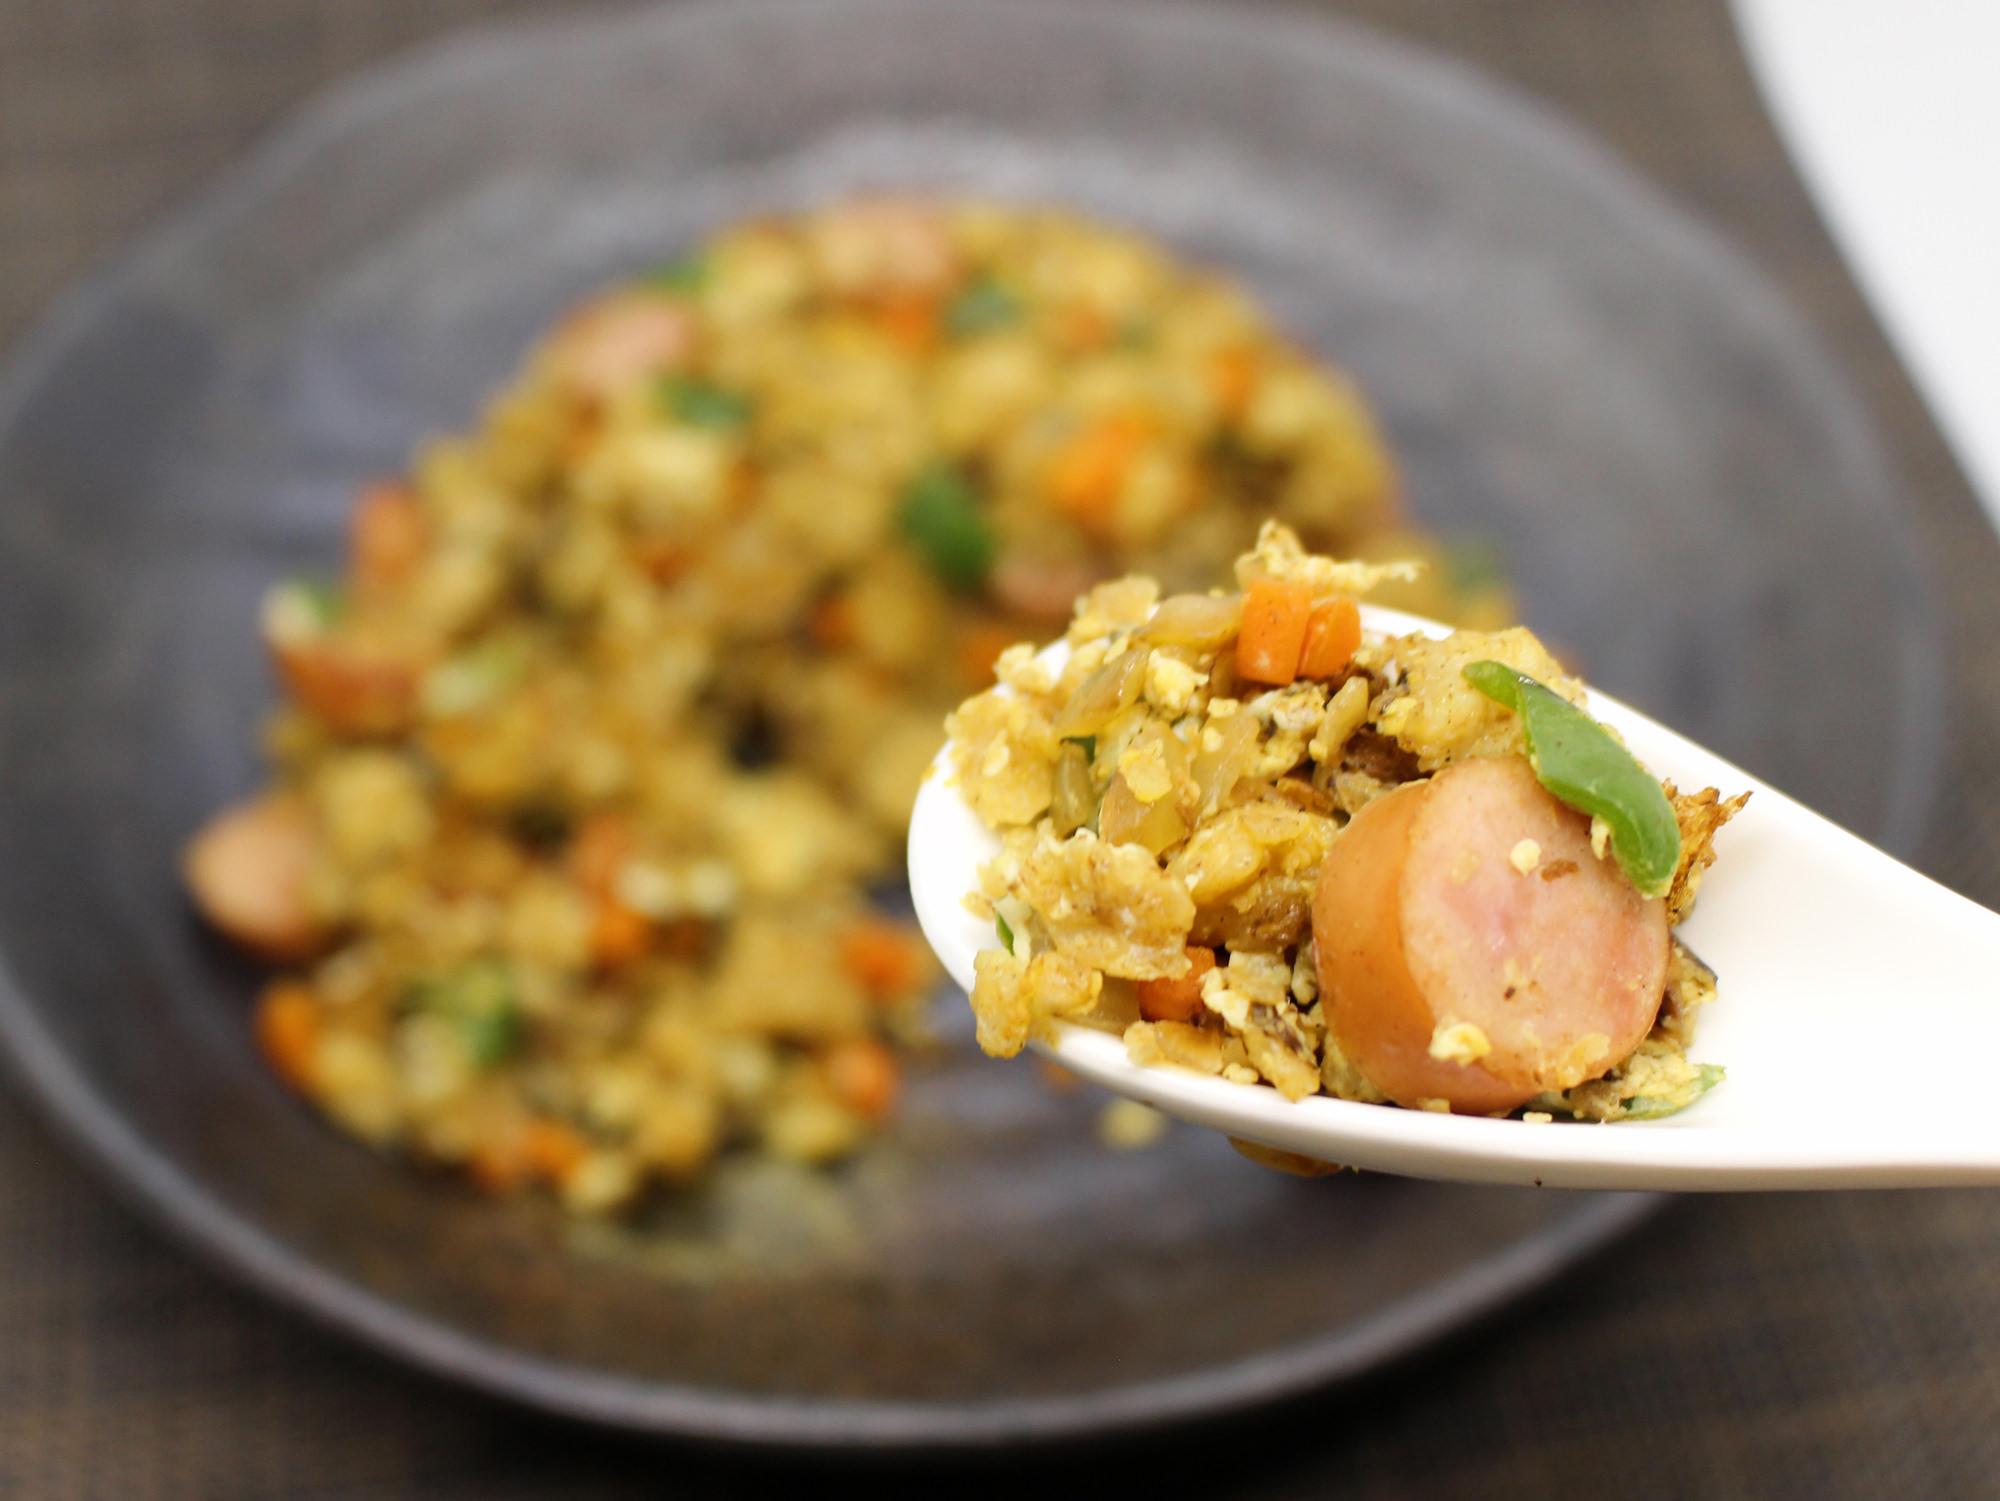 オートミール炒飯2